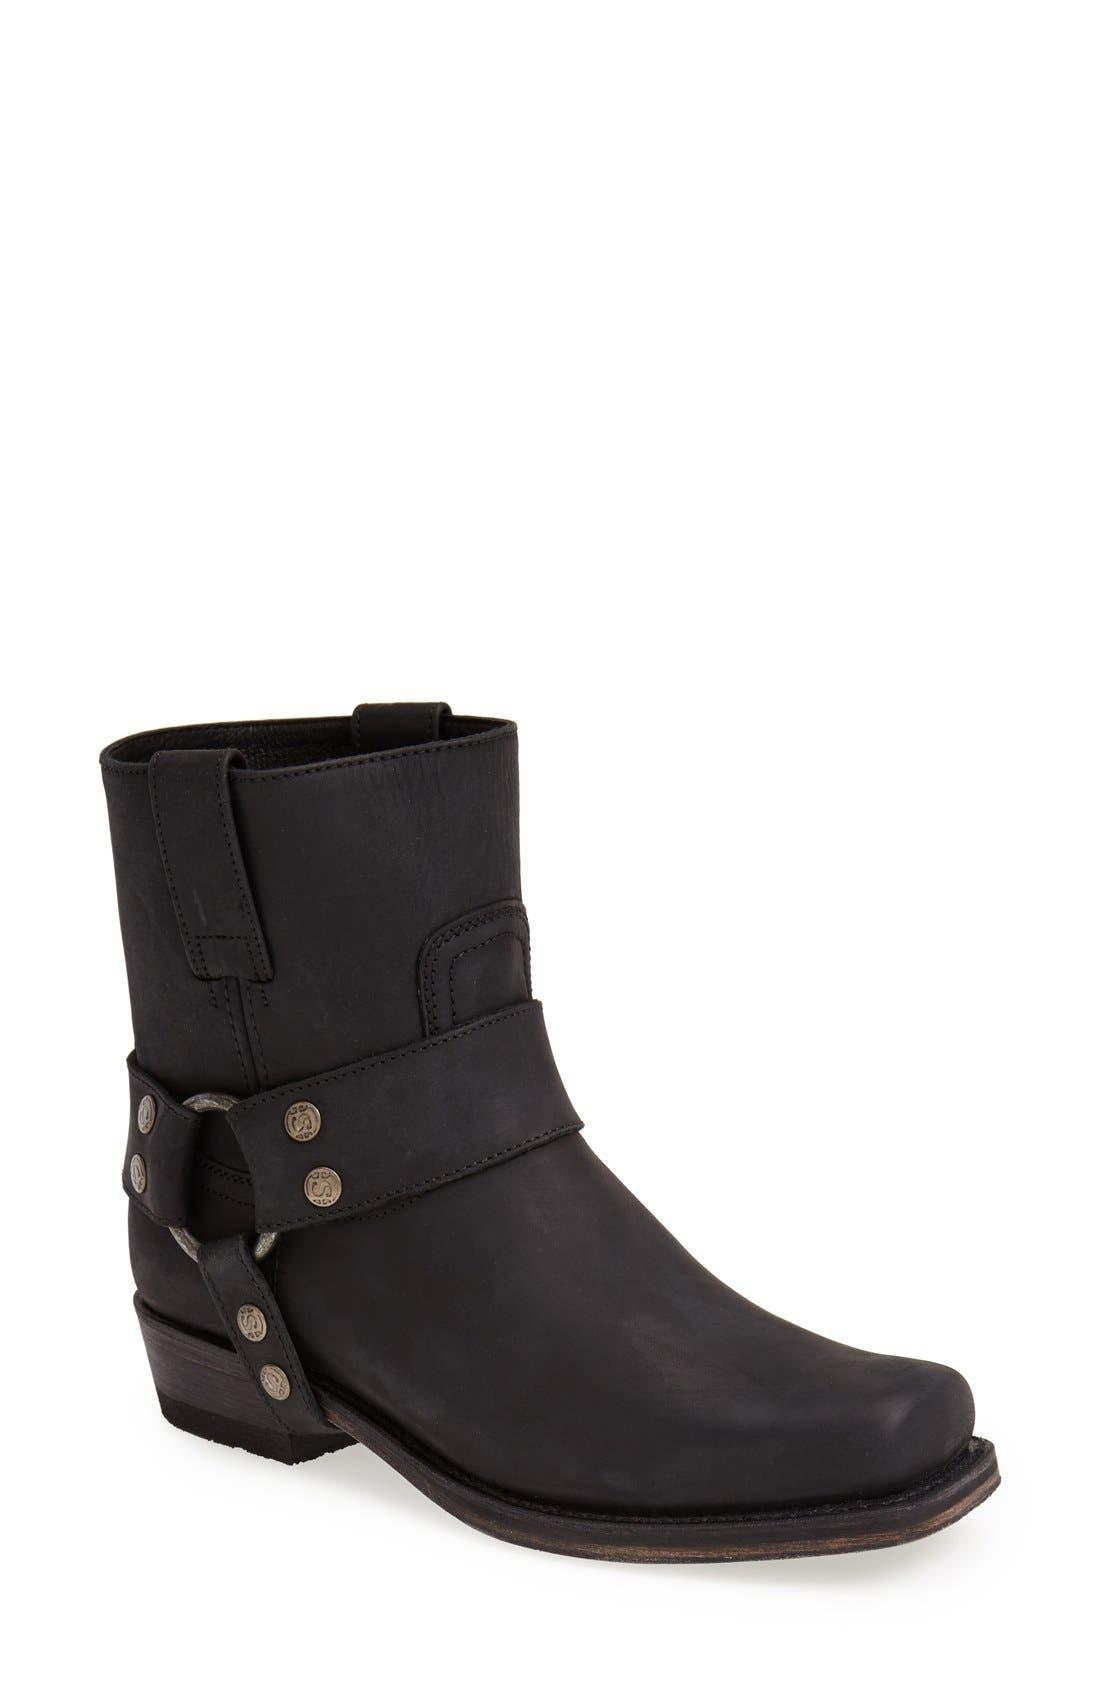 Alternate Image 1 Selected - Sendra 'Tanya' Moto Boot (Women)